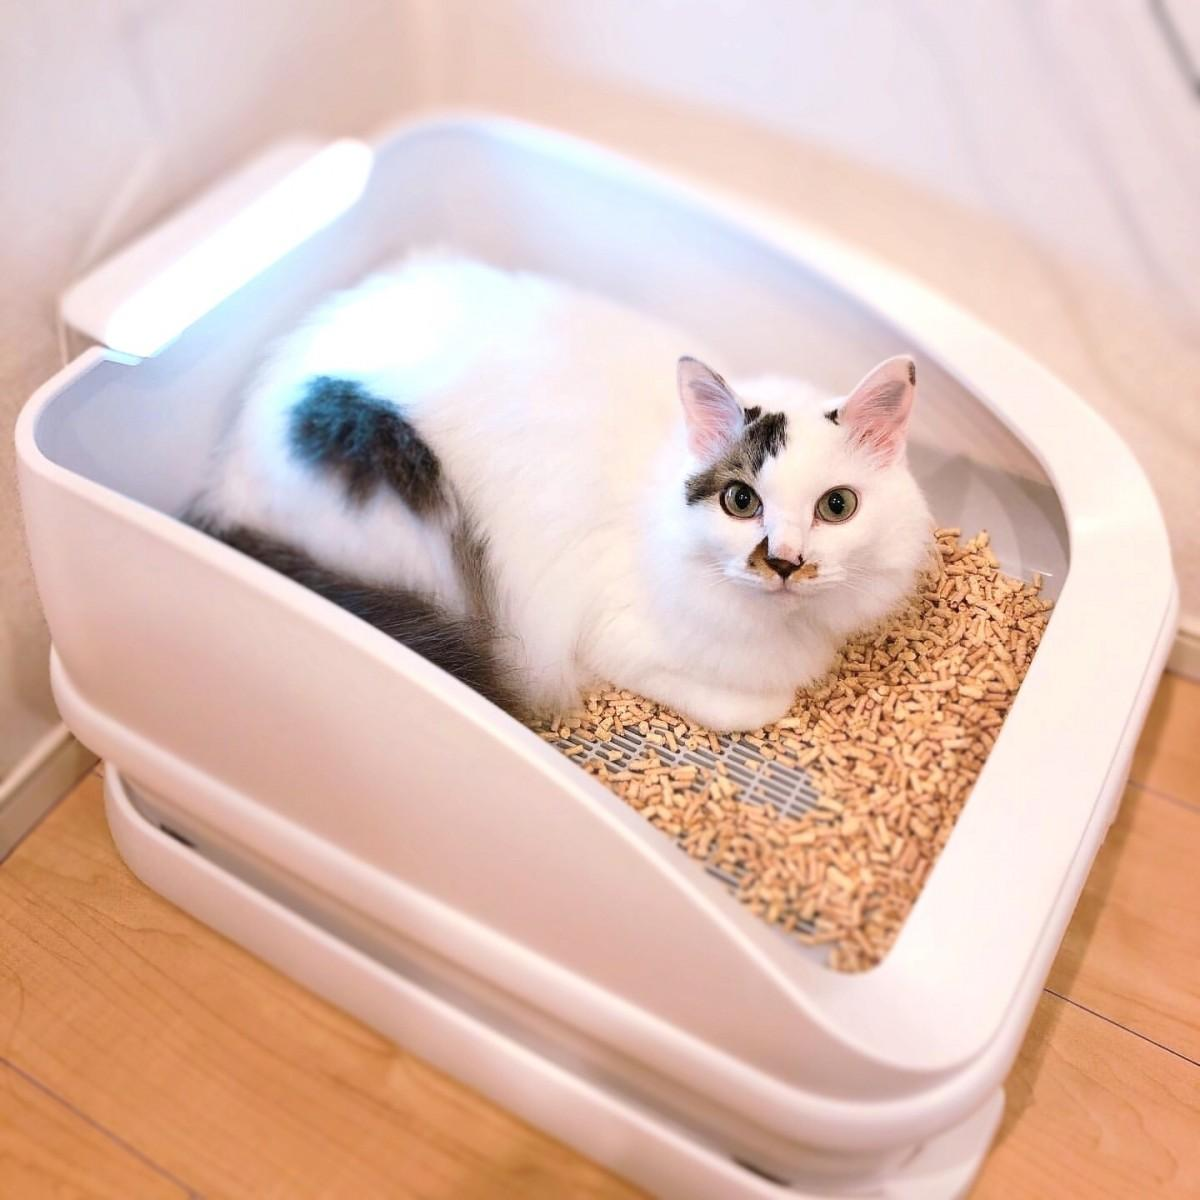 「泌尿器疾患から愛猫を守る」スマートねこトイレ「トレッタ」